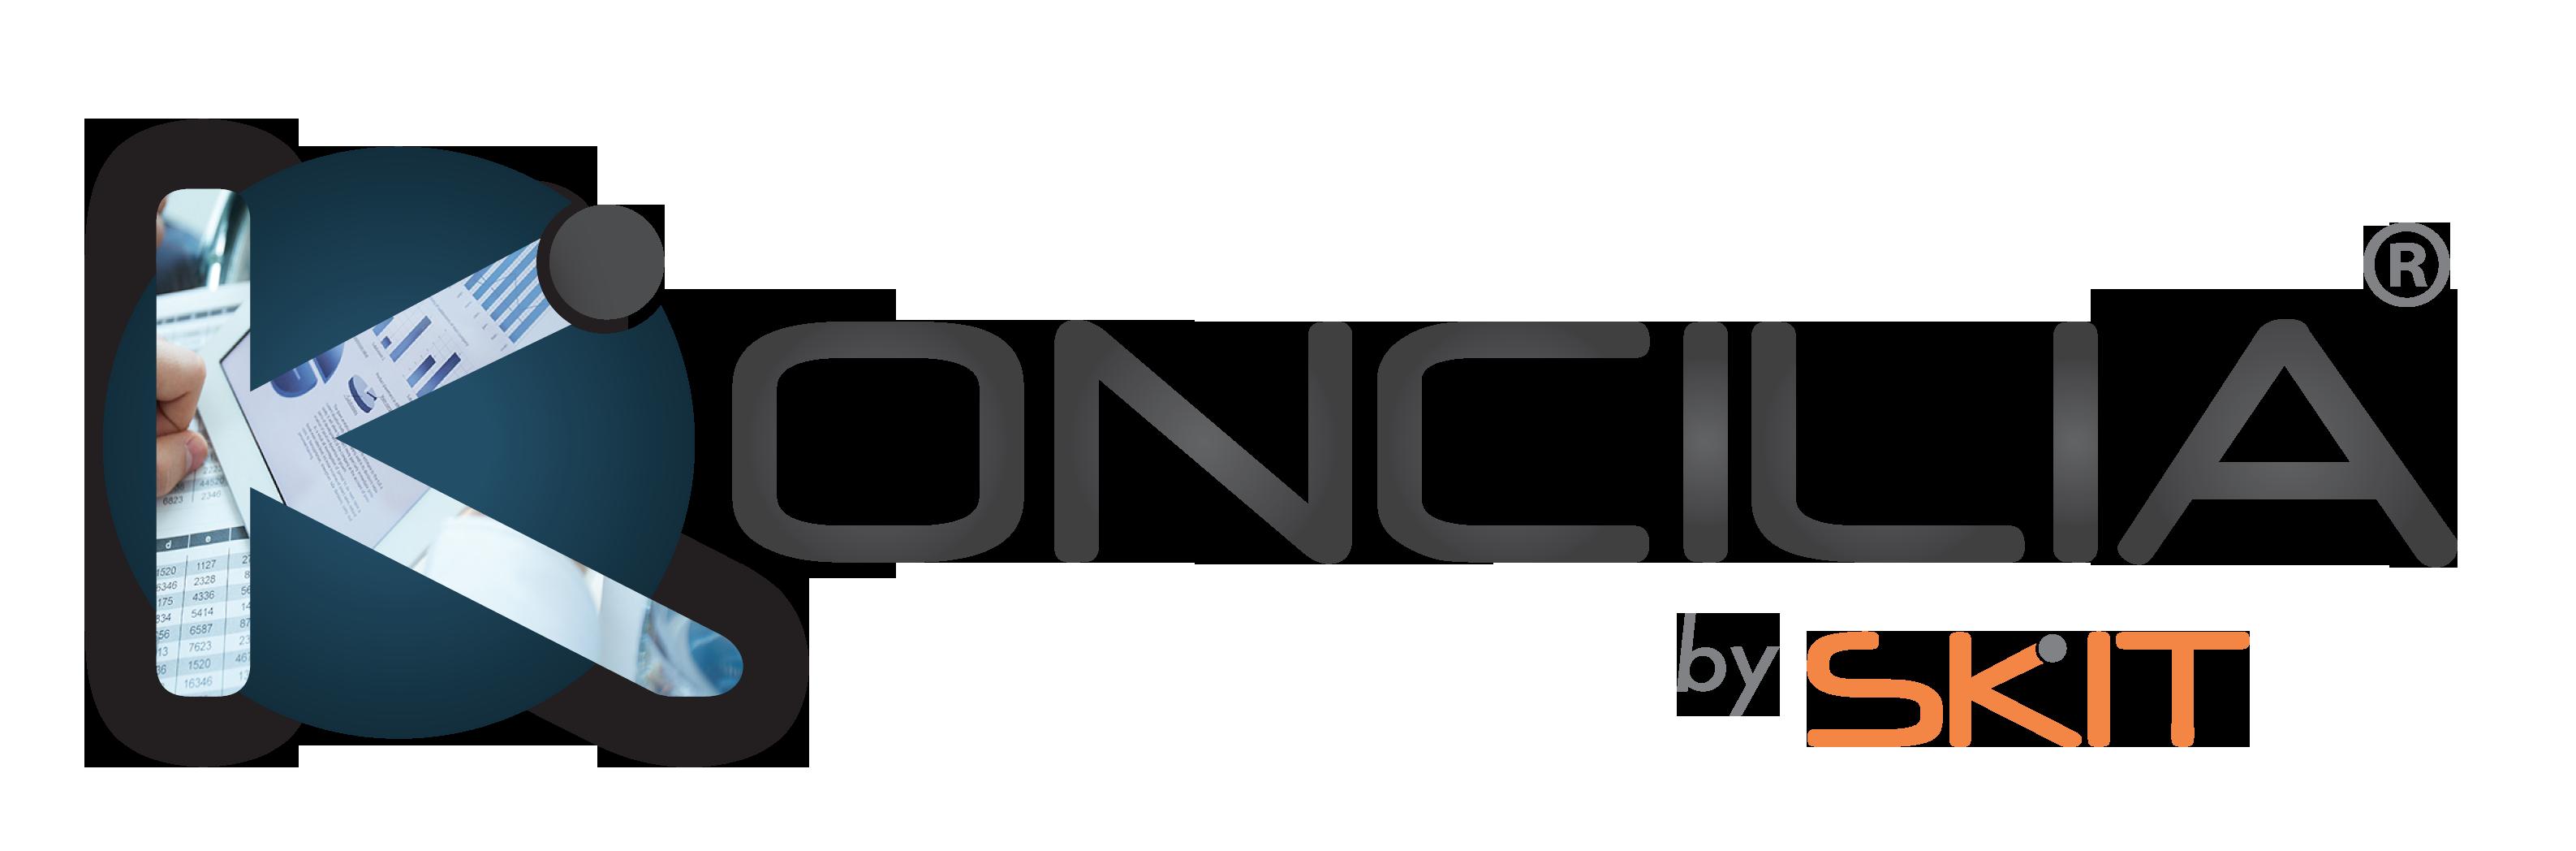 KONCILIA - Software de Conciliación